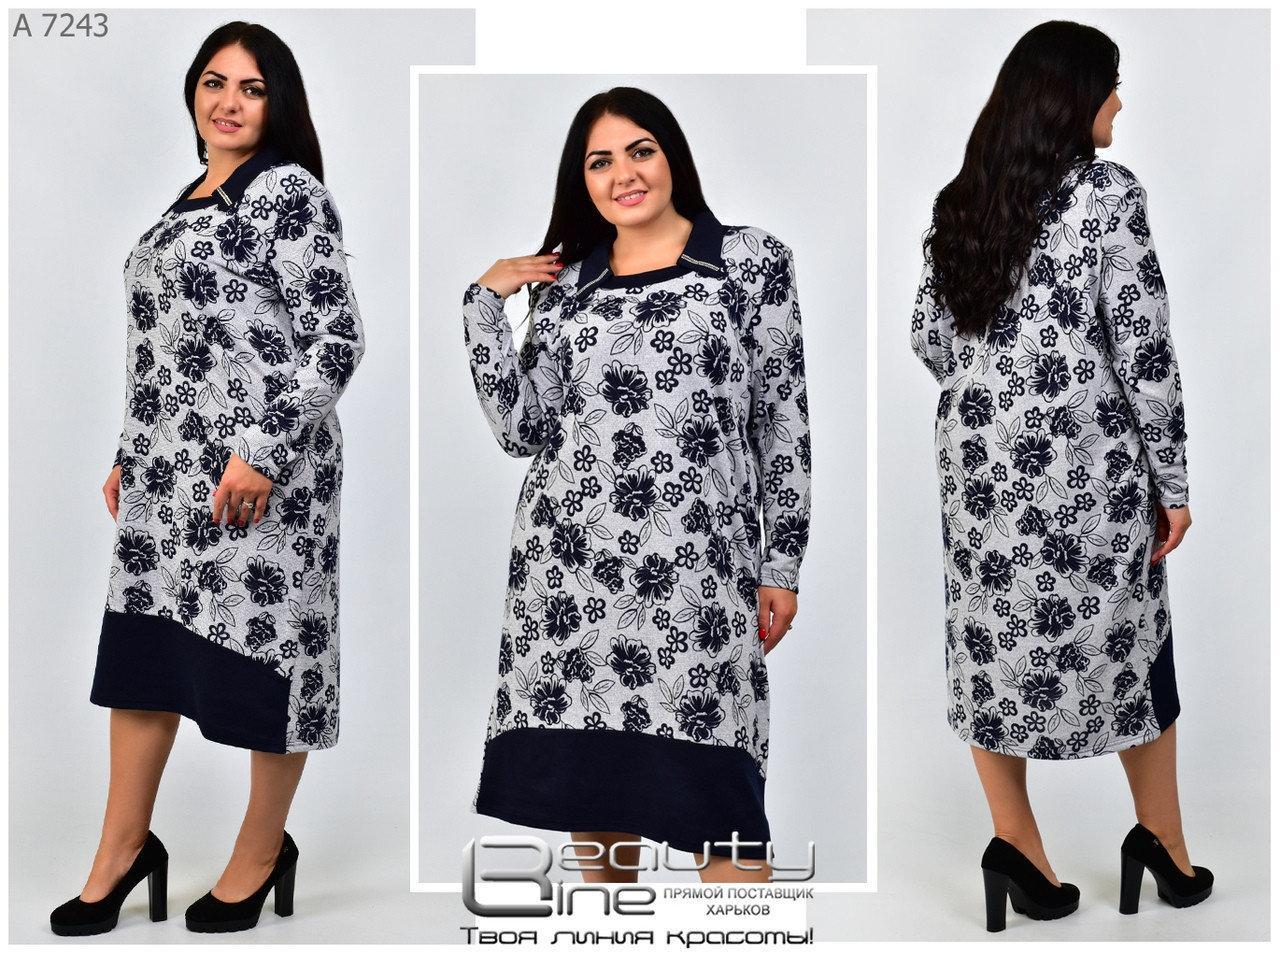 Теплое женское платье трикотаж ангора размеры 56.58.60.62